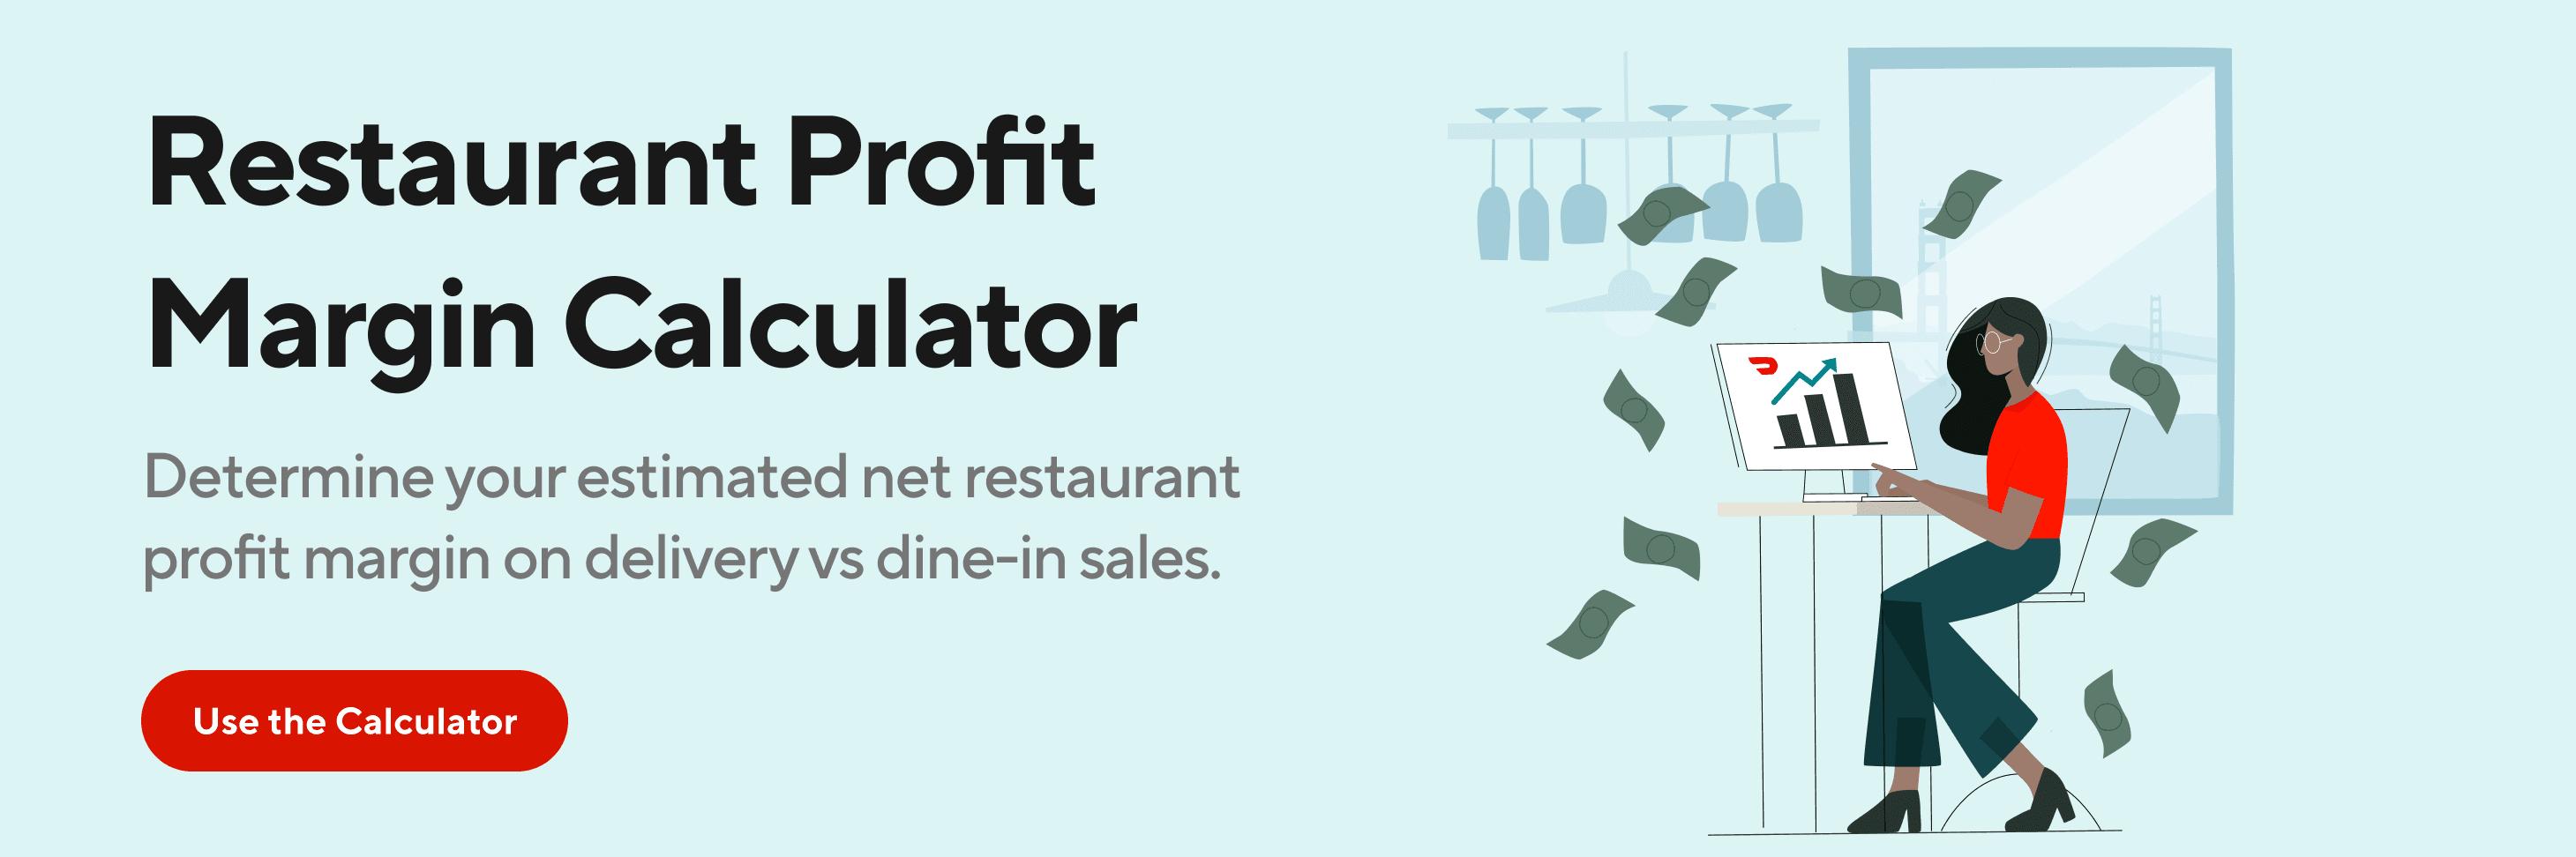 profit-margins-calculator